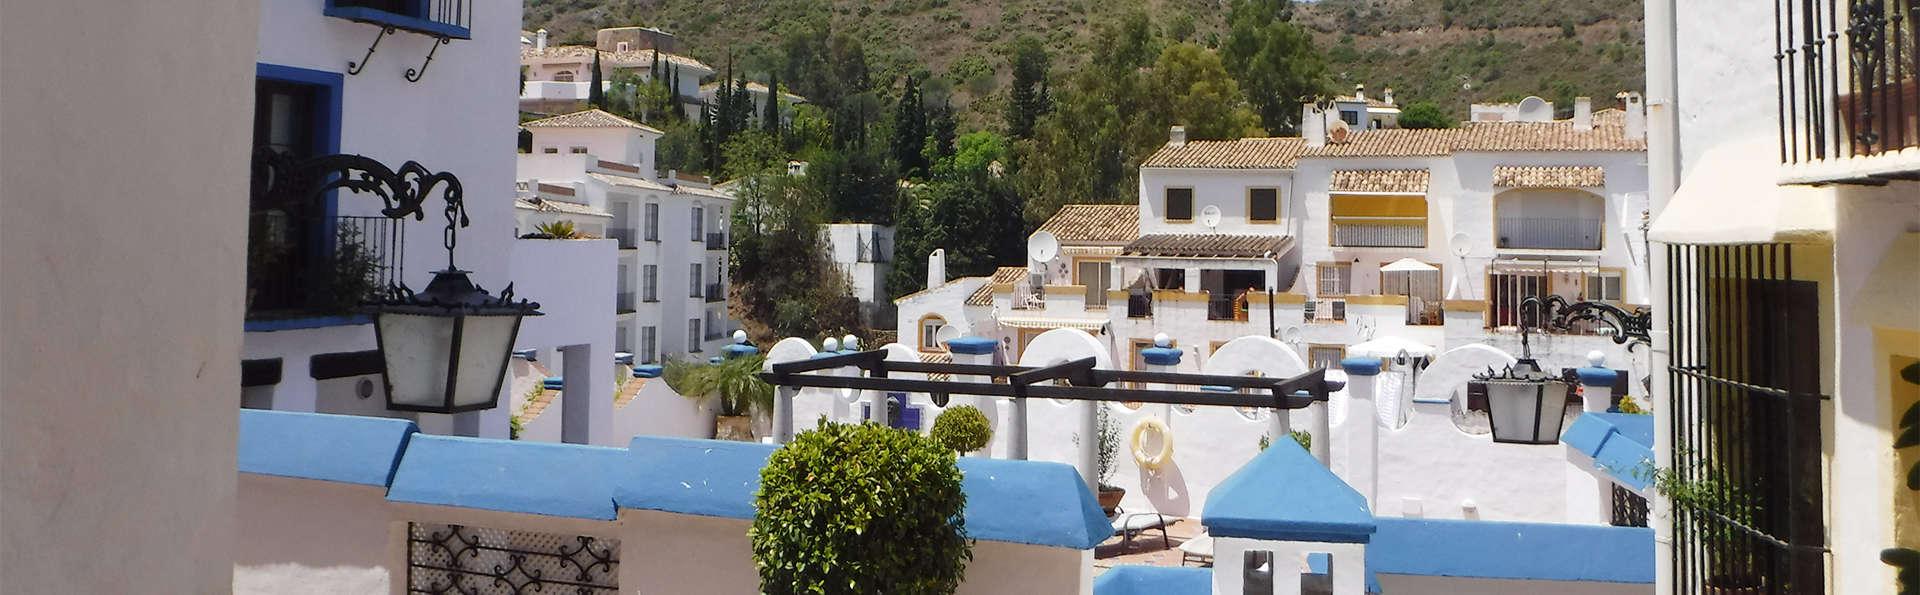 Hotel Amanhavis - EDIT_Benahavis1.jpg